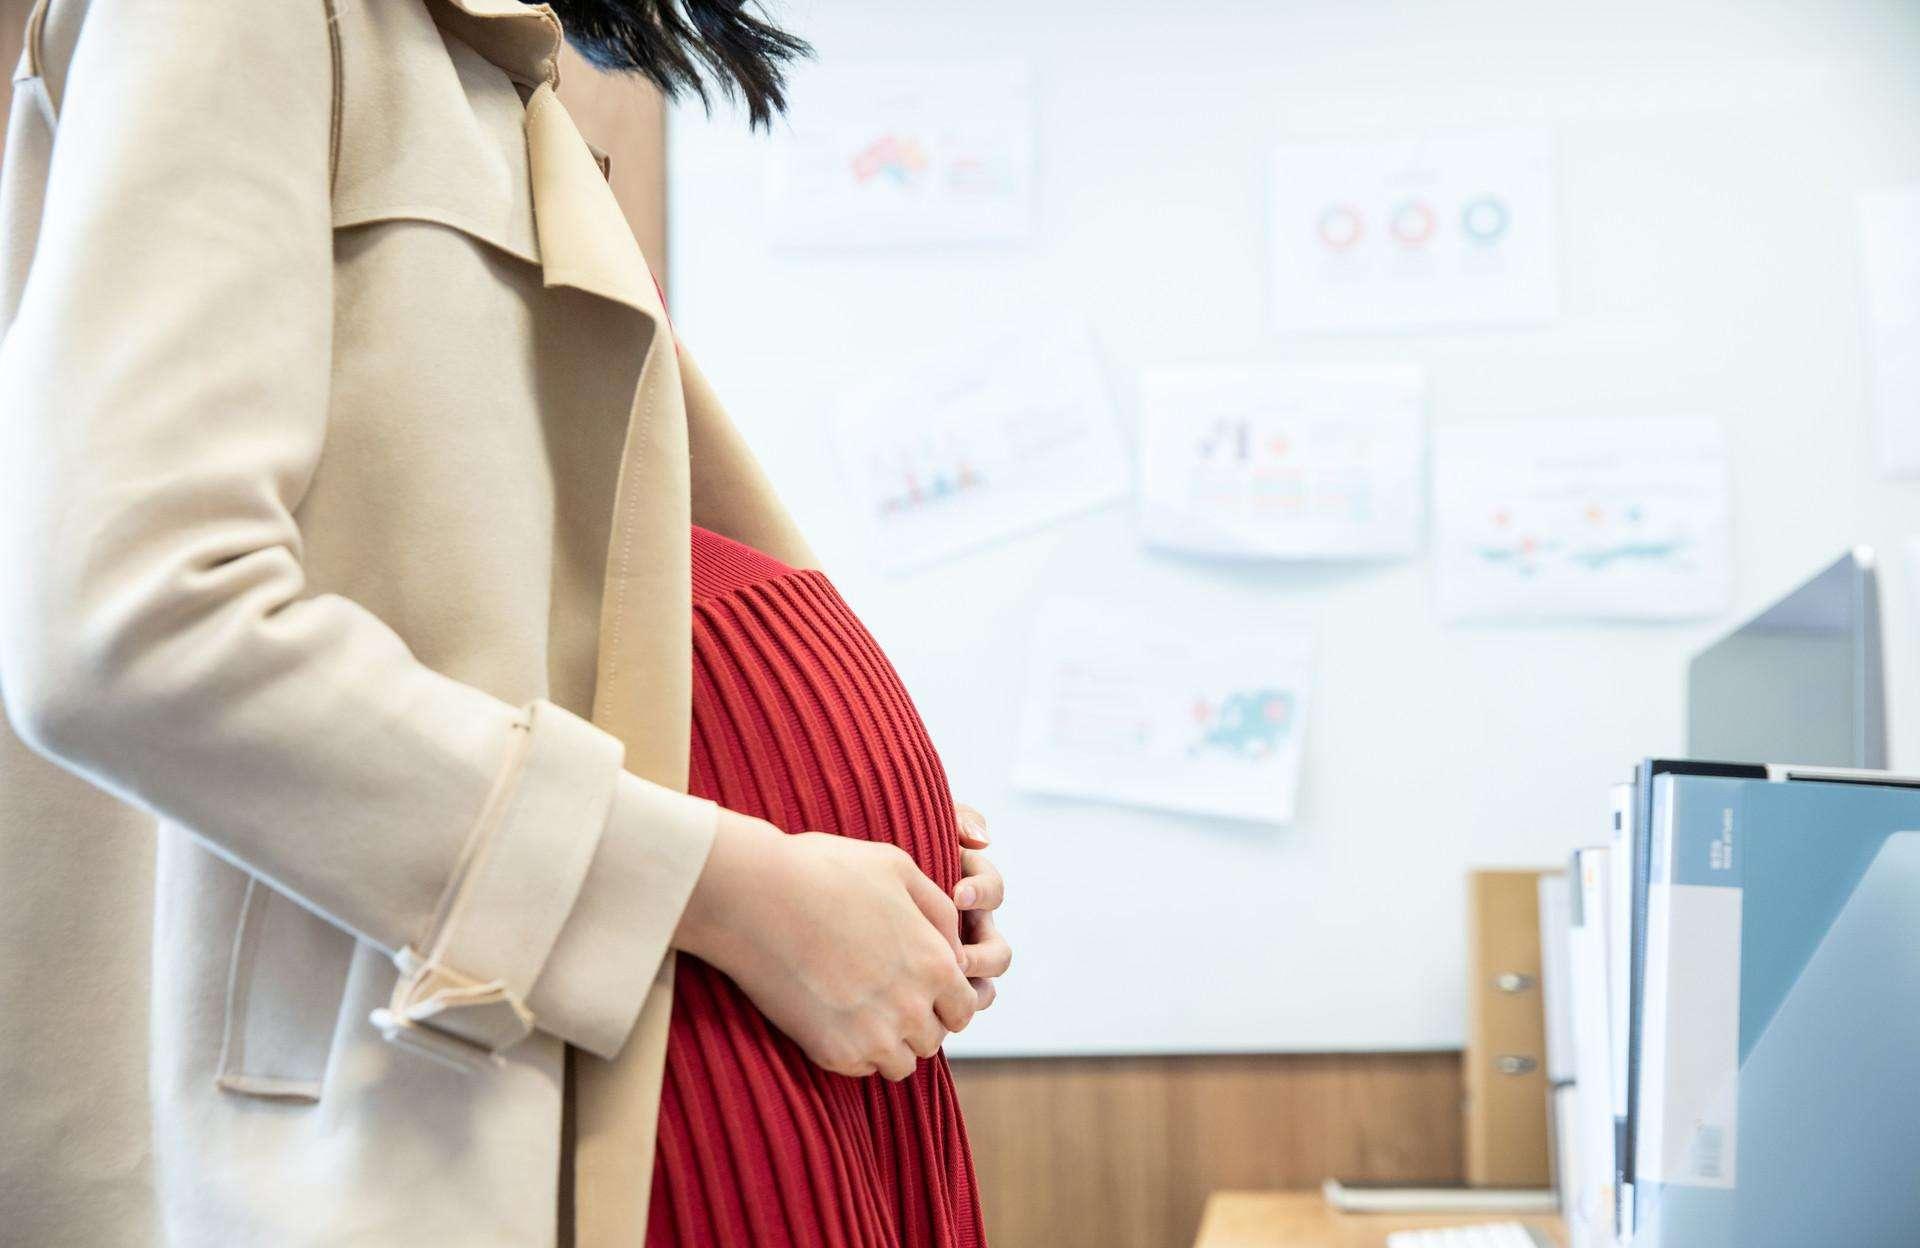 狐狸实验室 | 得了妇科肿瘤,还能生孩子吗?